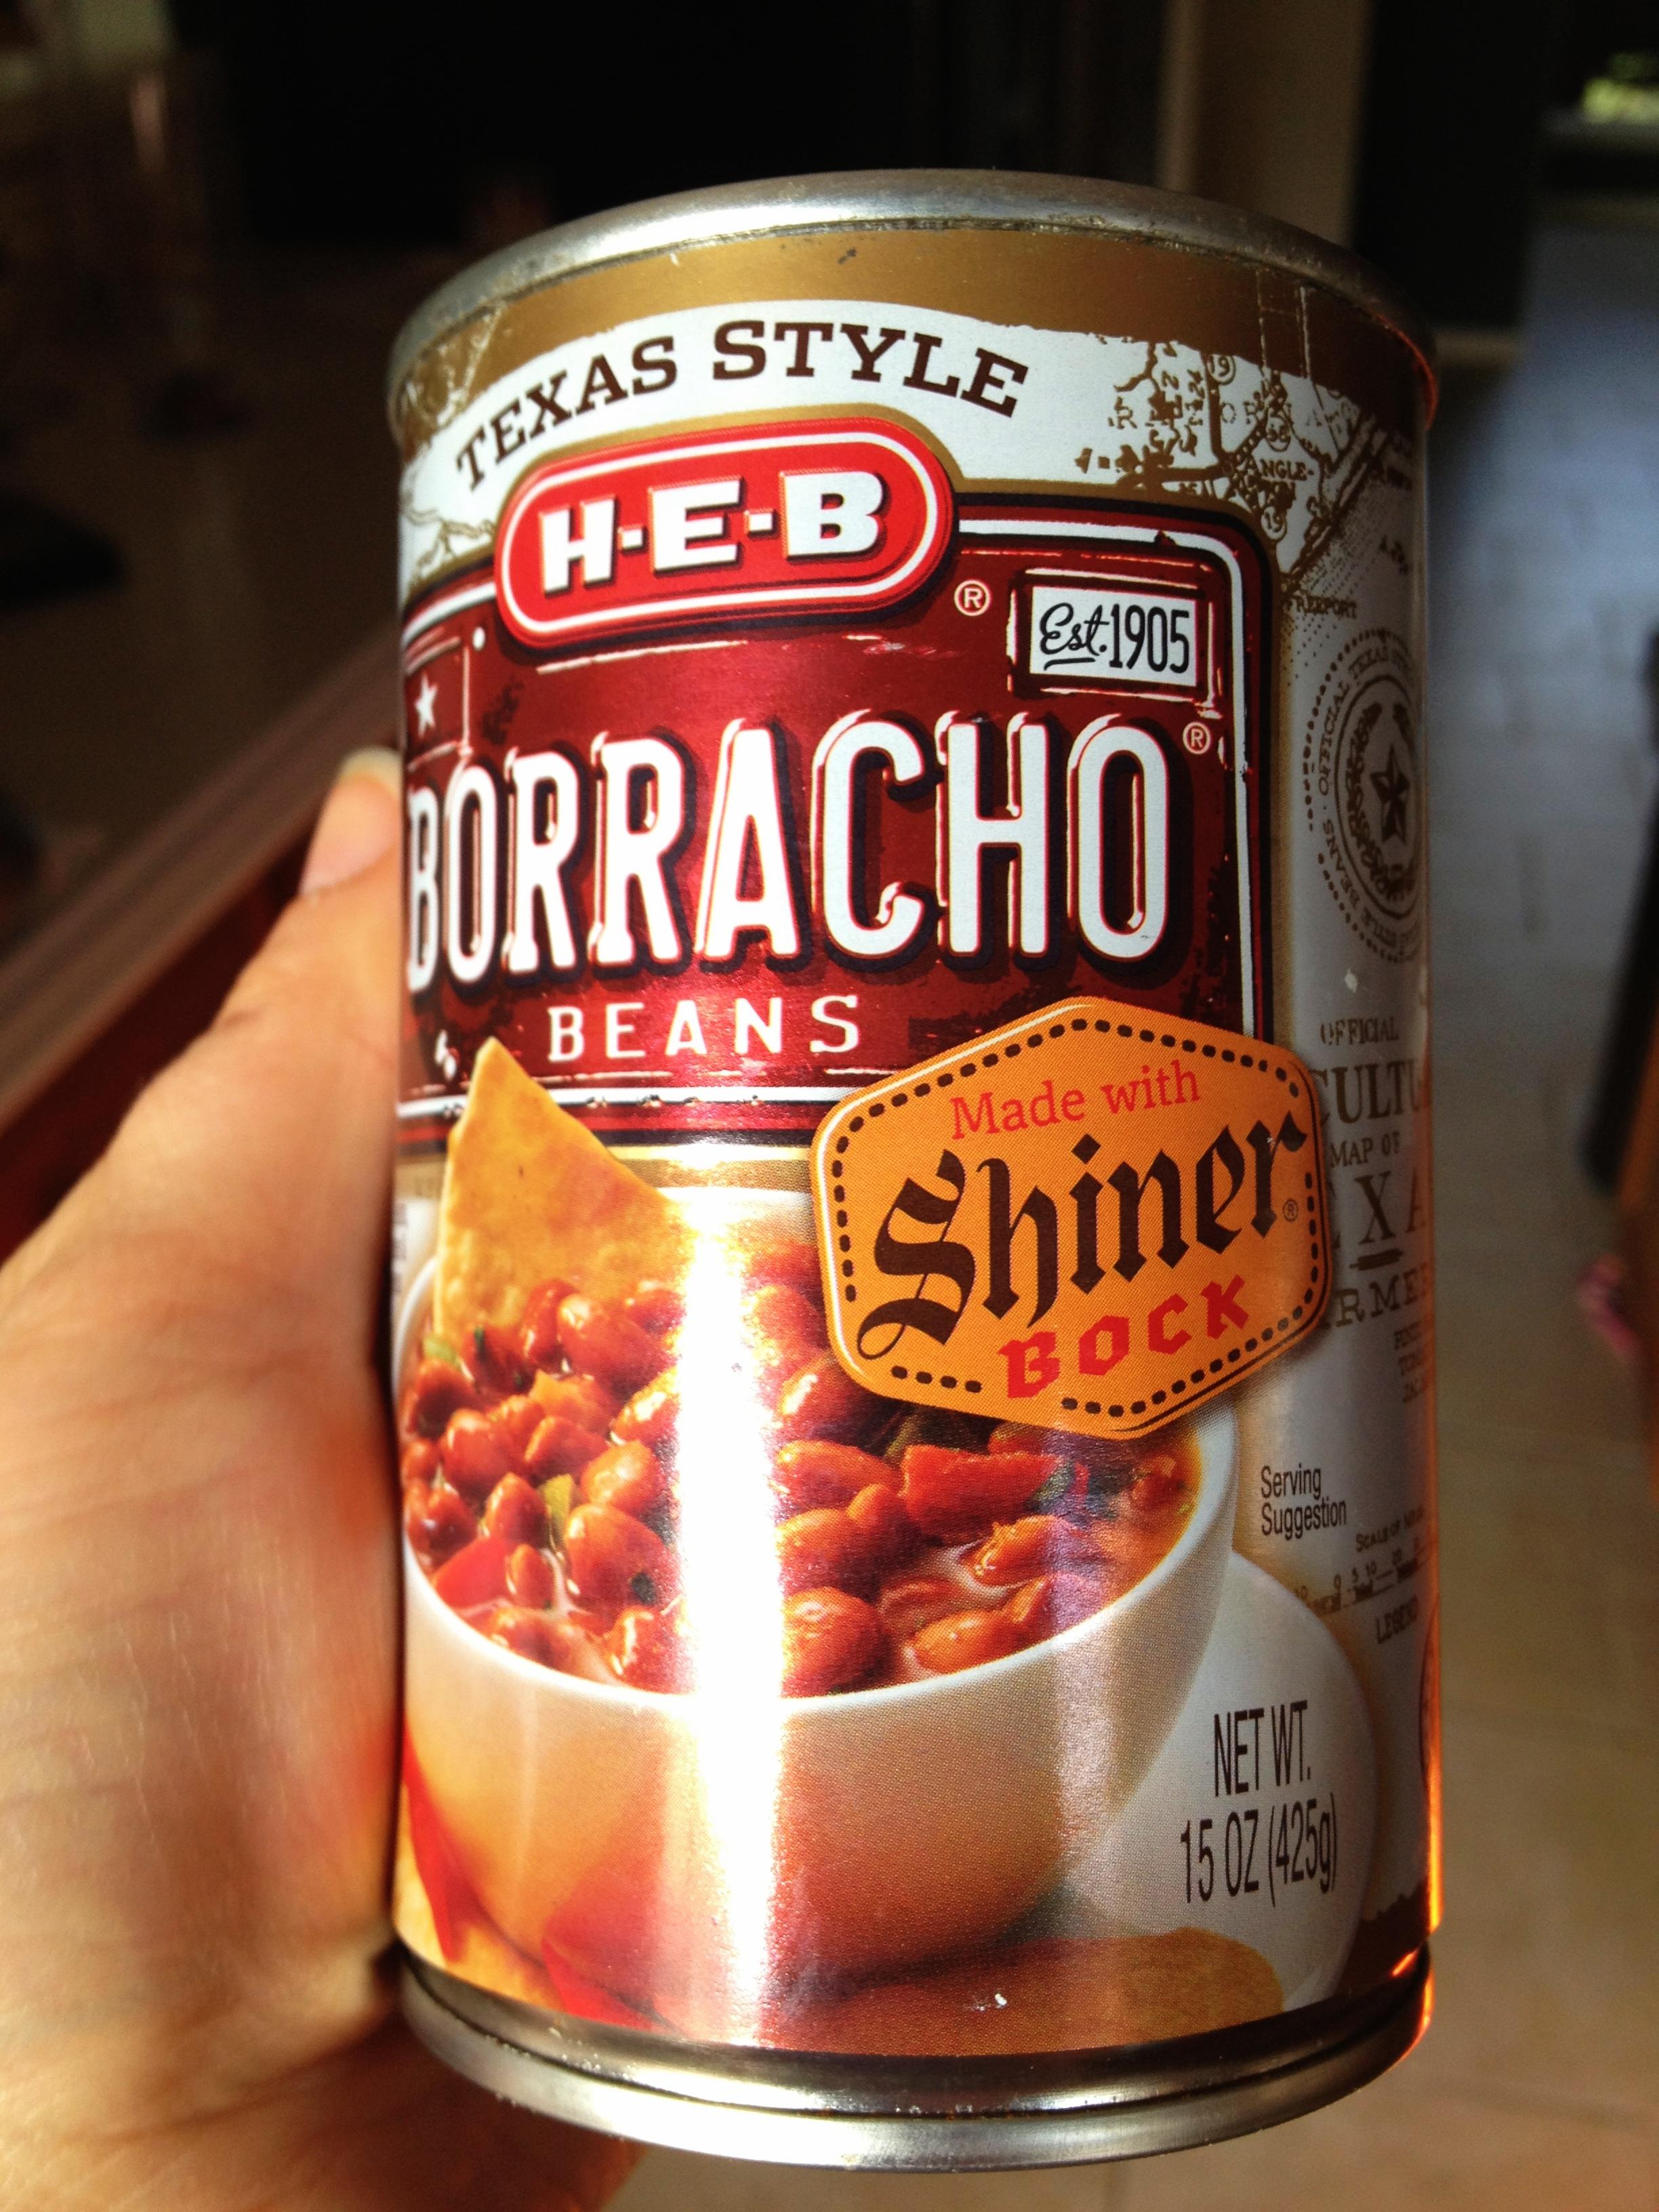 HEB Barracho Beans